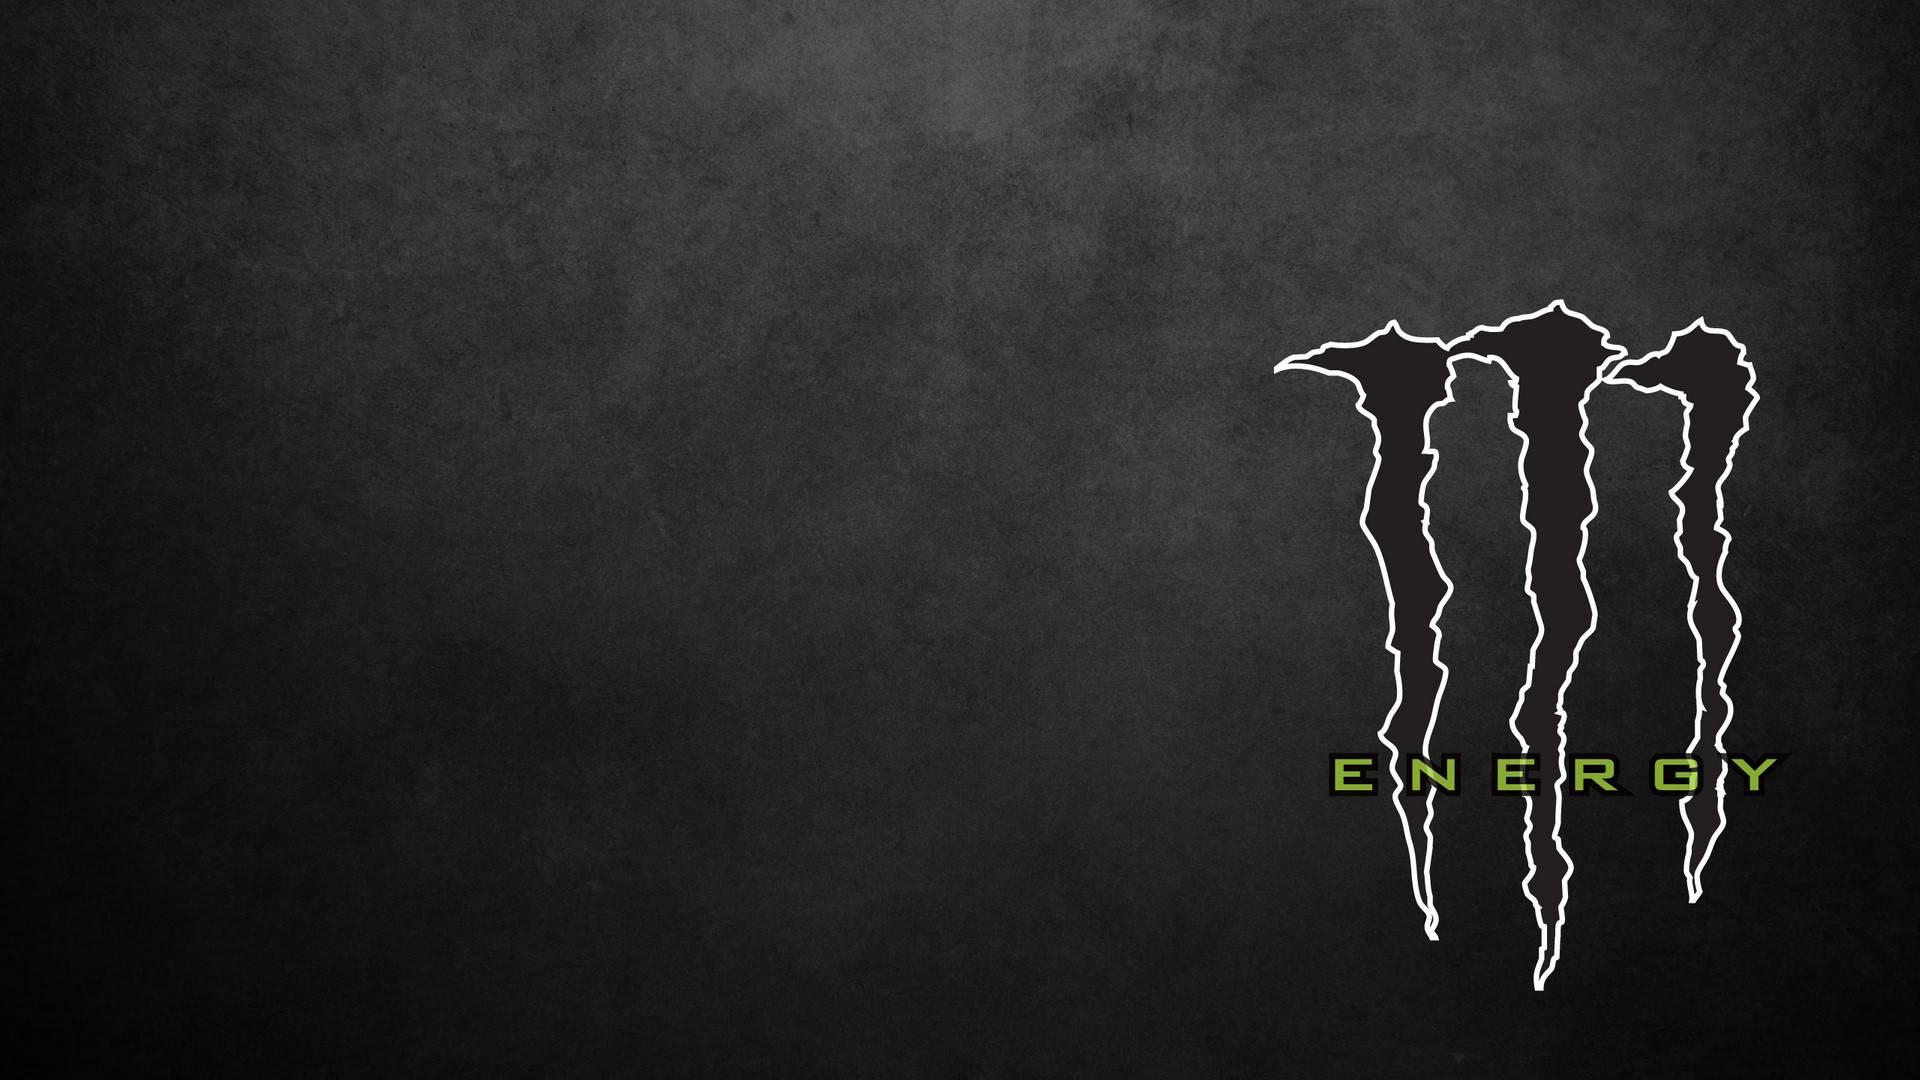 black white wallpaper logo energy monster 1920x1080 1920x1080